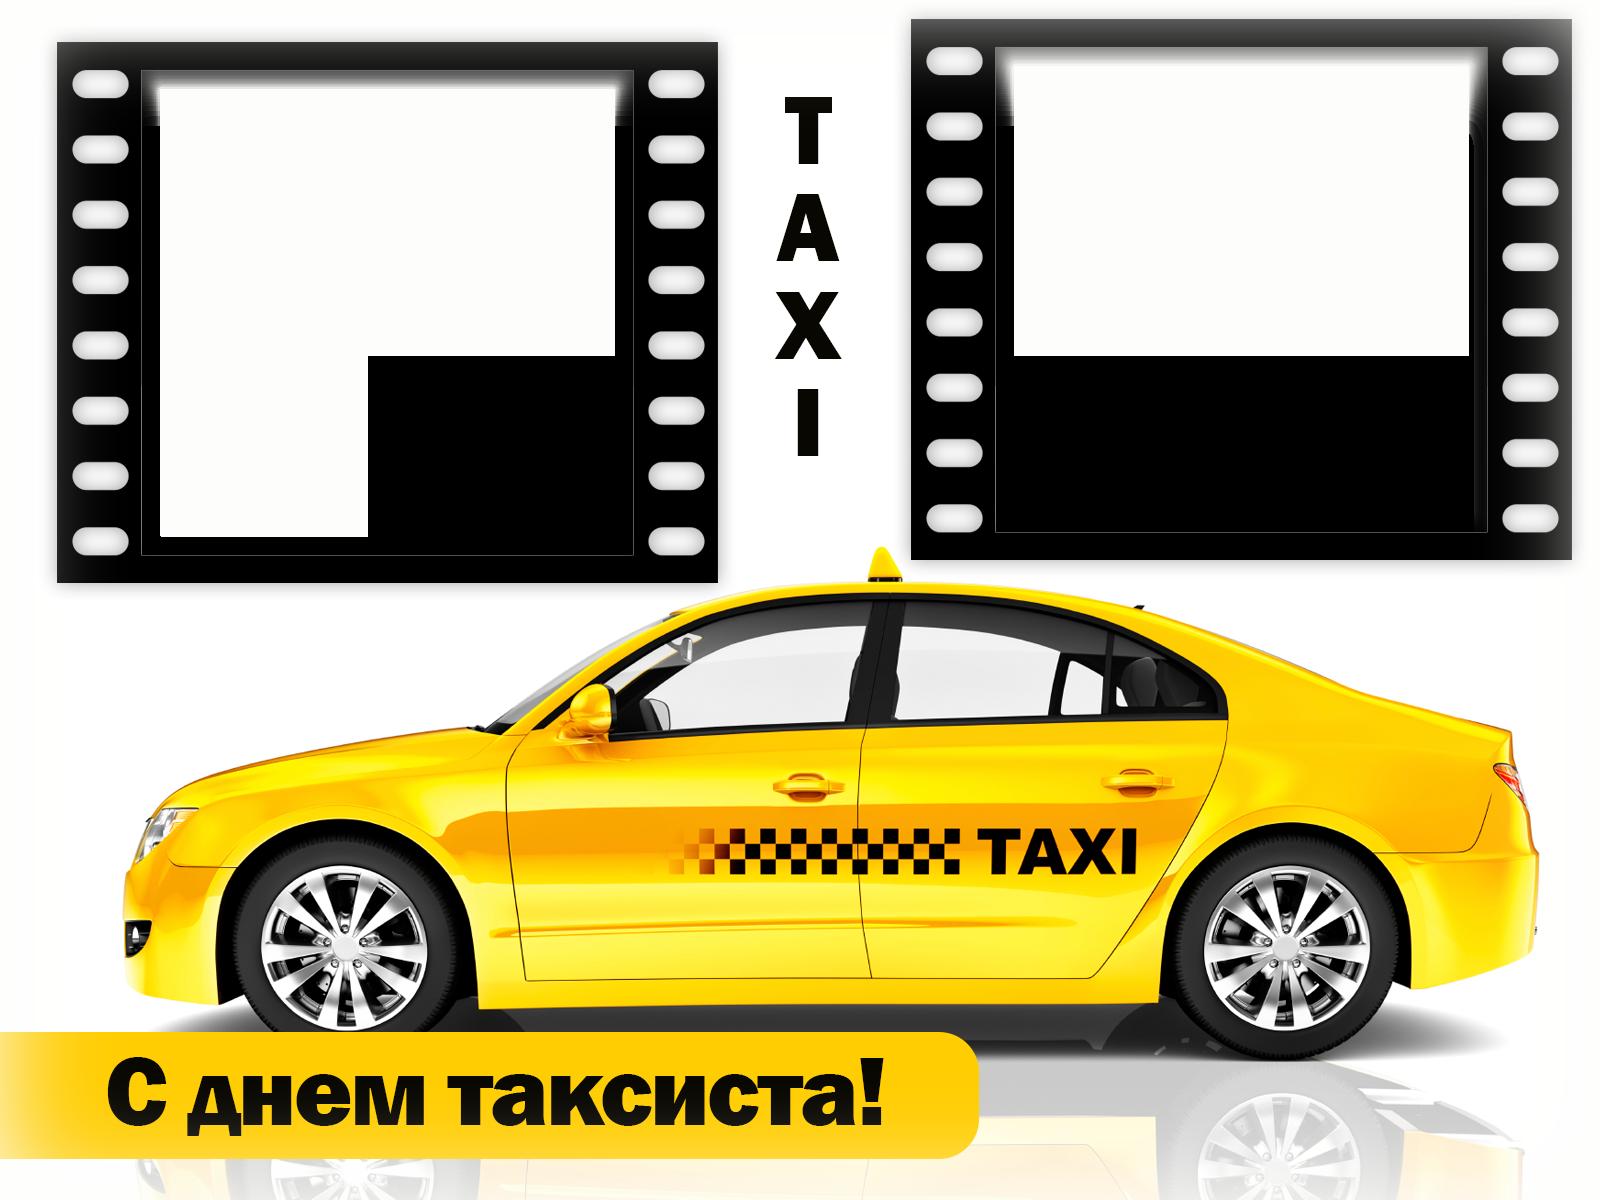 Фоторамка С Днем таксиста! Фоторамка для фотошопа, PNG шаблон. Фоторамка на день таксиста. Двойная фоторамка. Открытка с фотографией на день таксиста. Желтое такси.